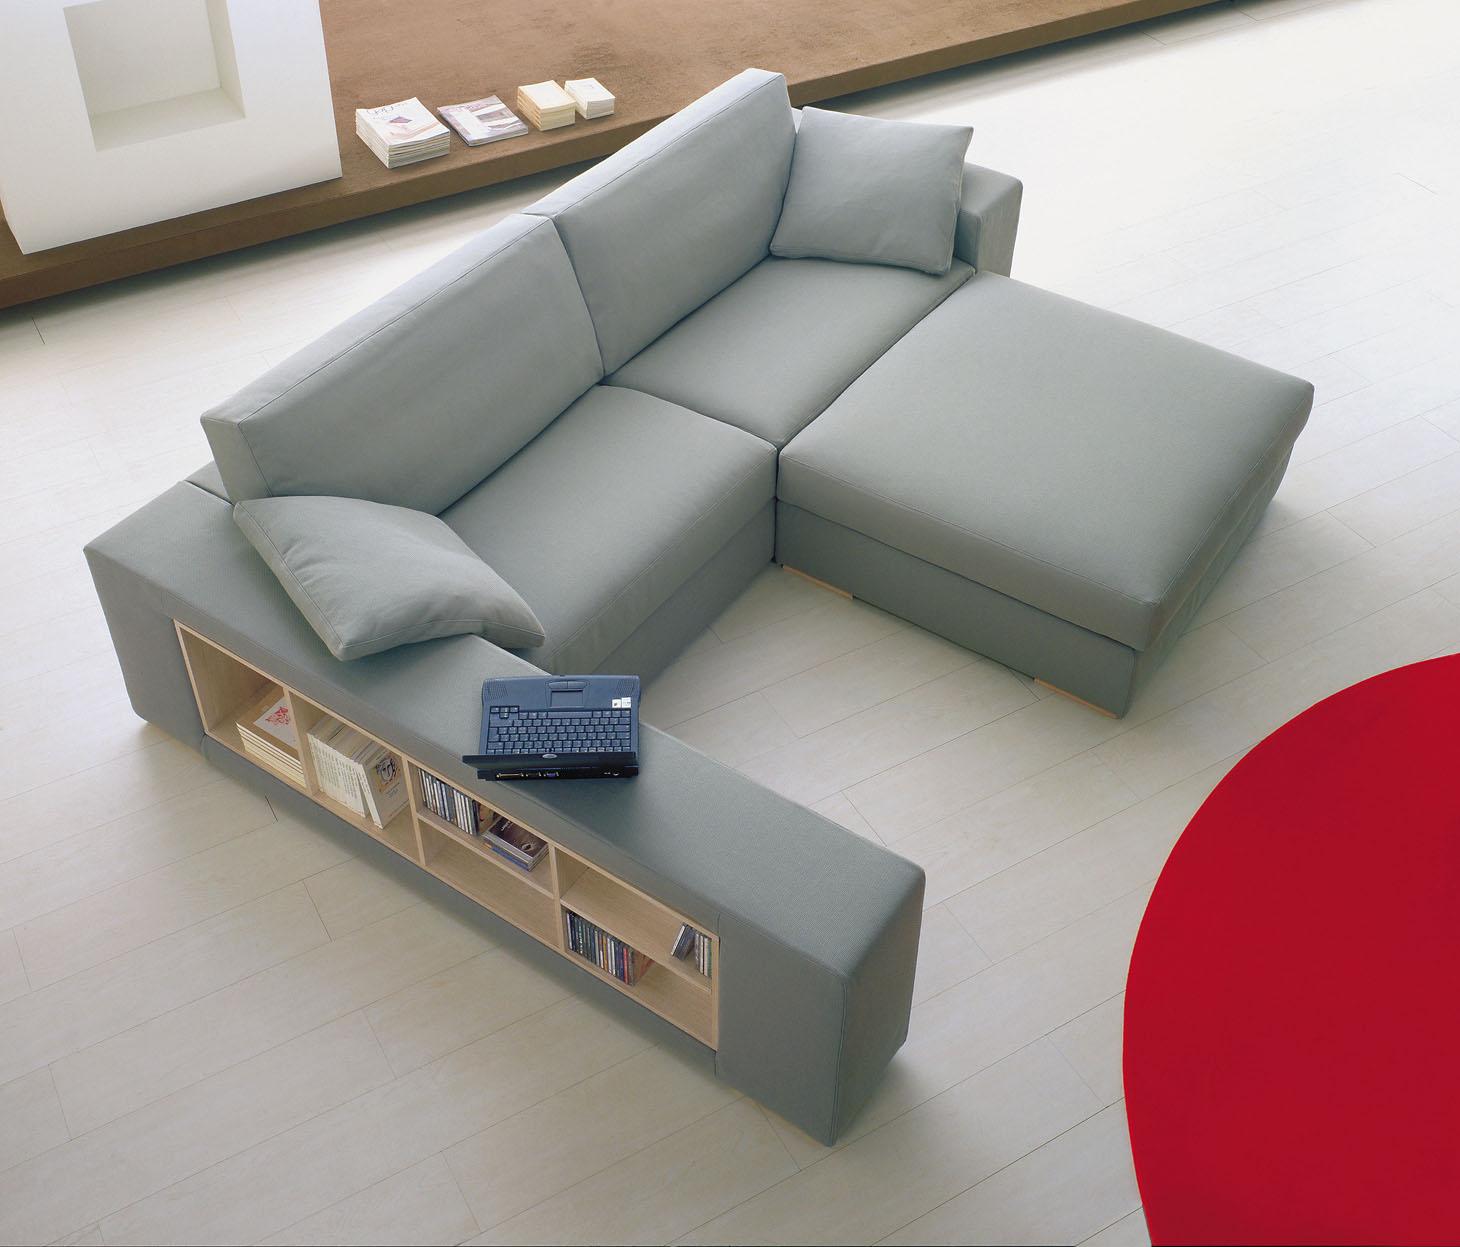 Divano Letto Componibile Design Dennis : Divani tino mariani merit divano componibile